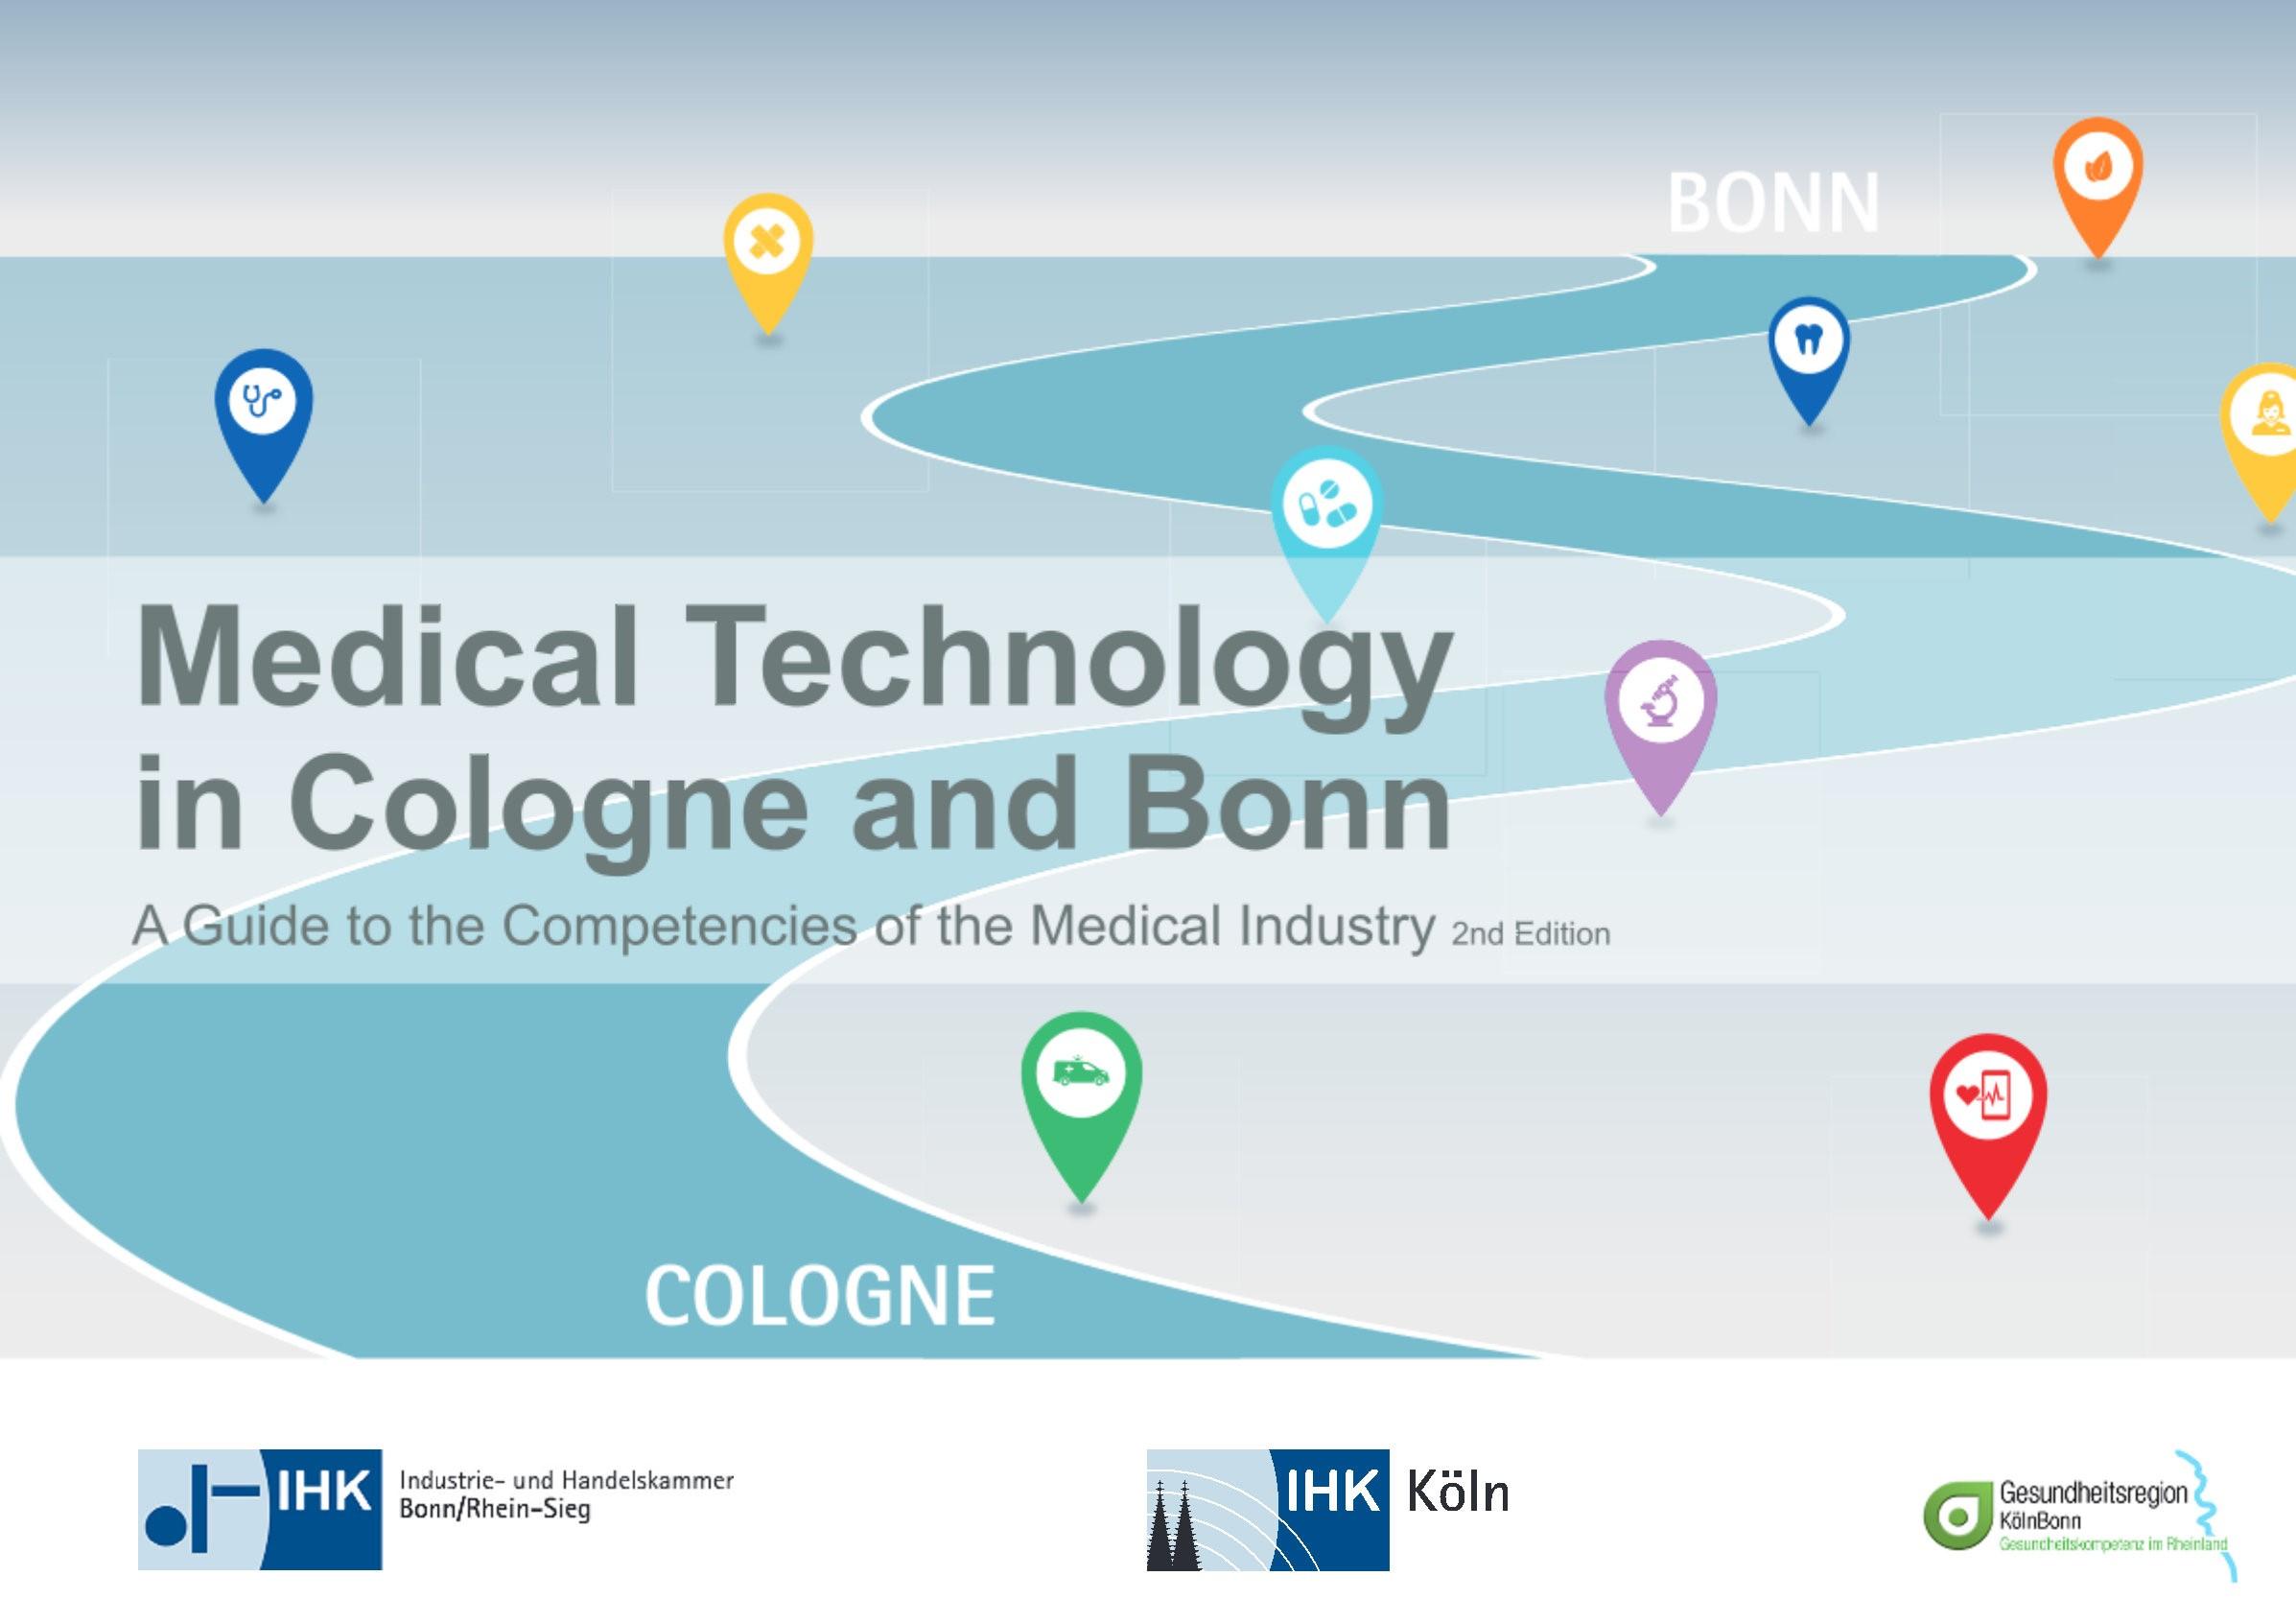 Kompetenzplattform Medizintechnik in der Gesundheitsregion Köln/Bonn – zweite Auflage des Medizintechnikatlas veröffentlicht